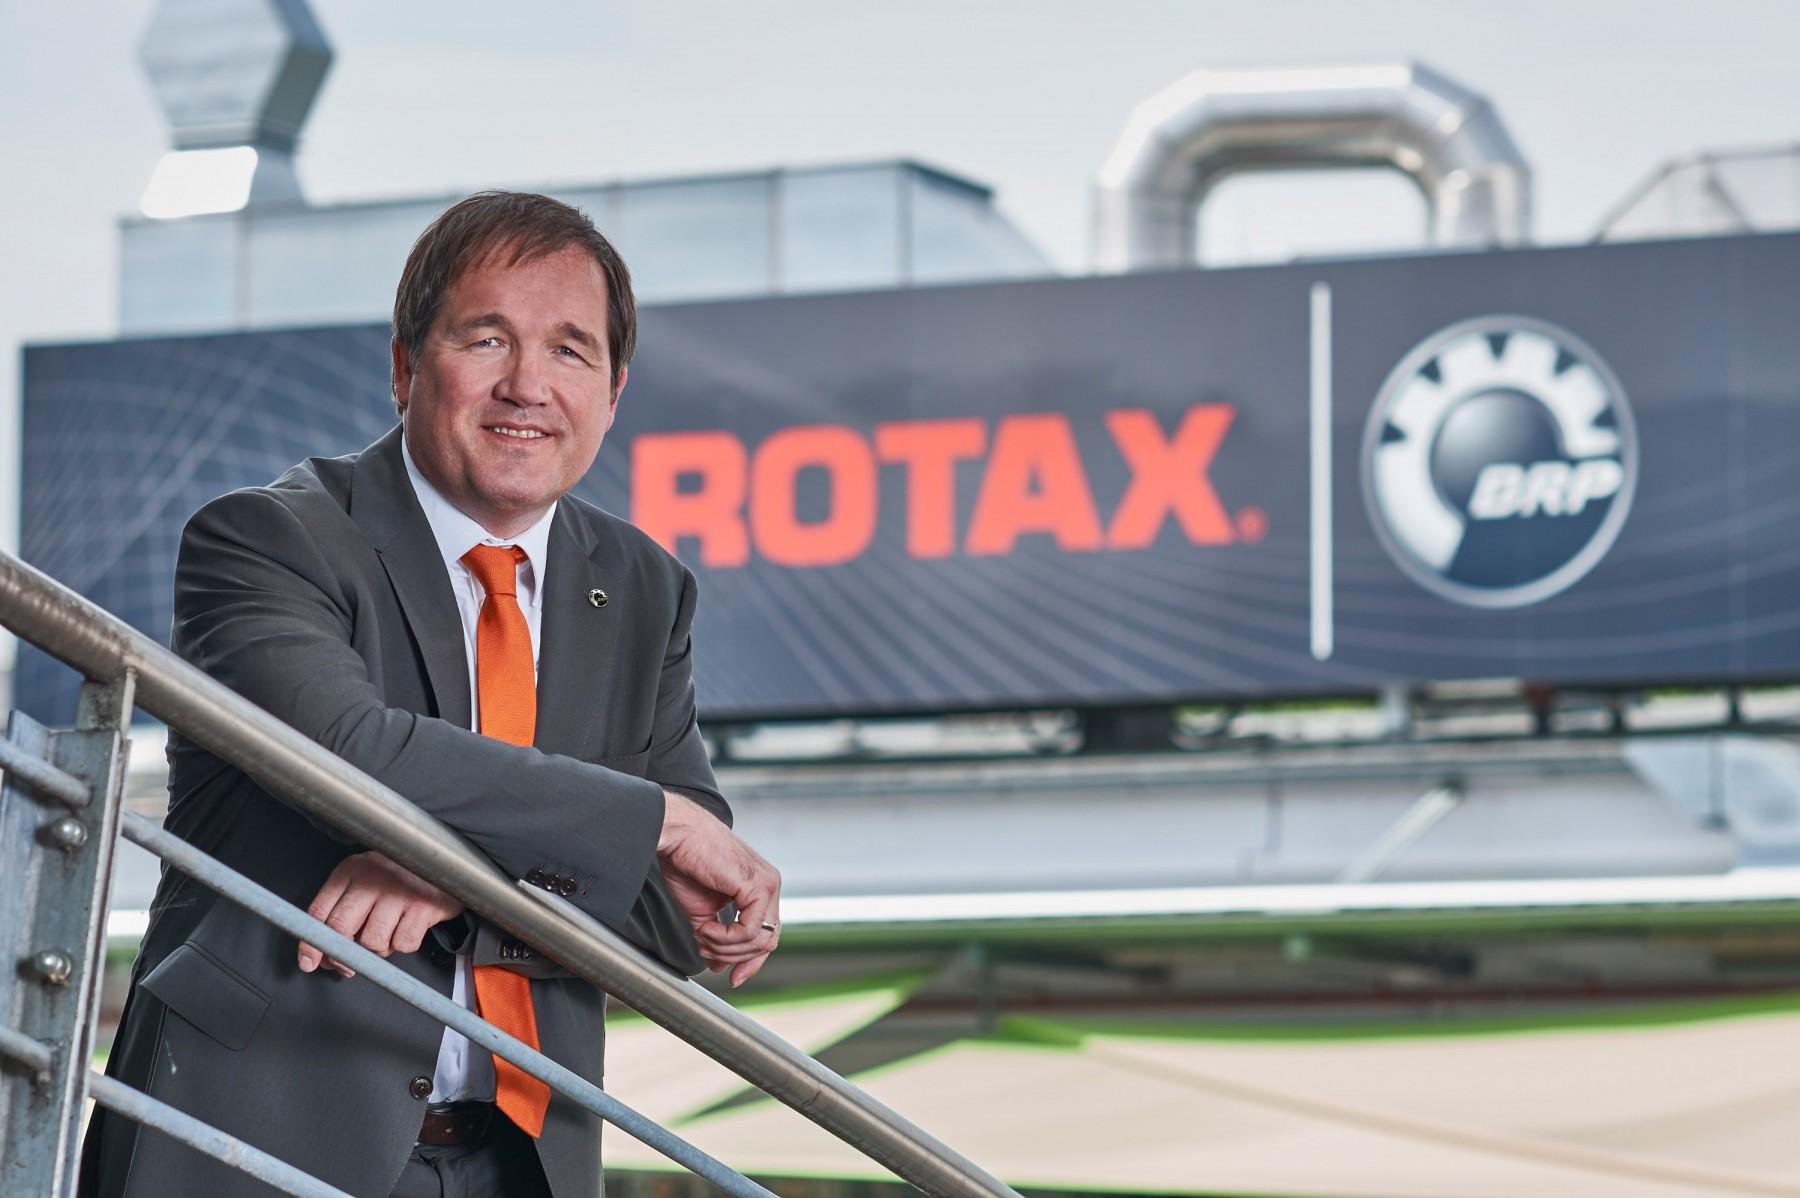 Rotax0128